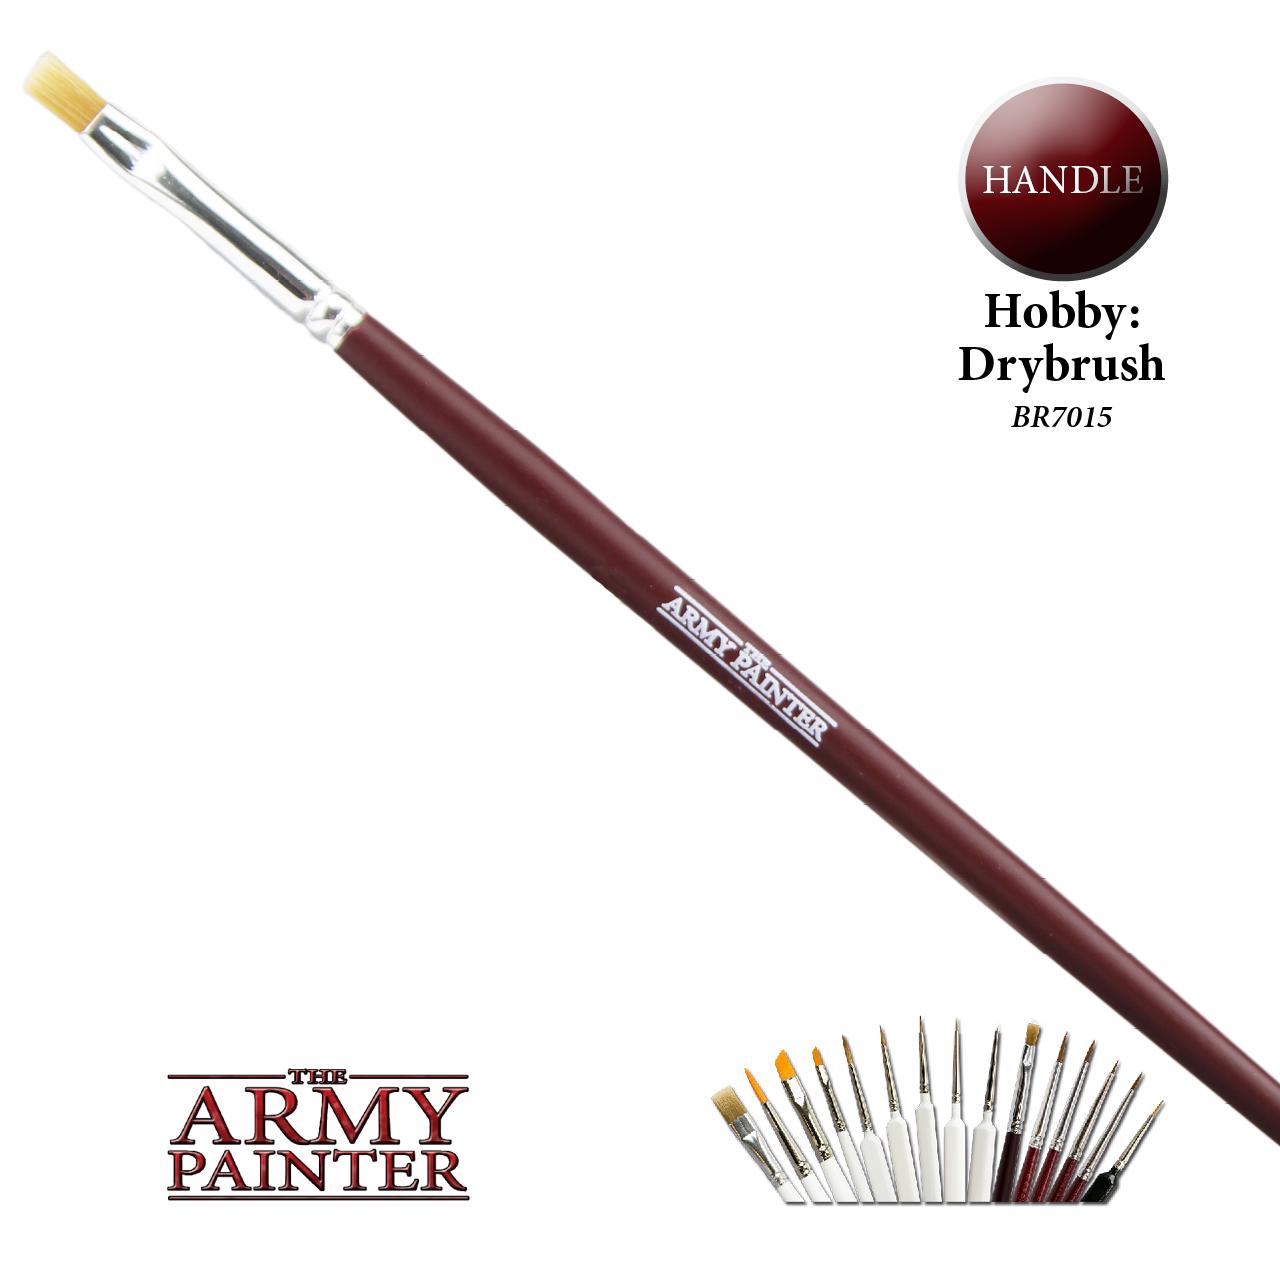 Hobby Brush: Drybrush Box Front